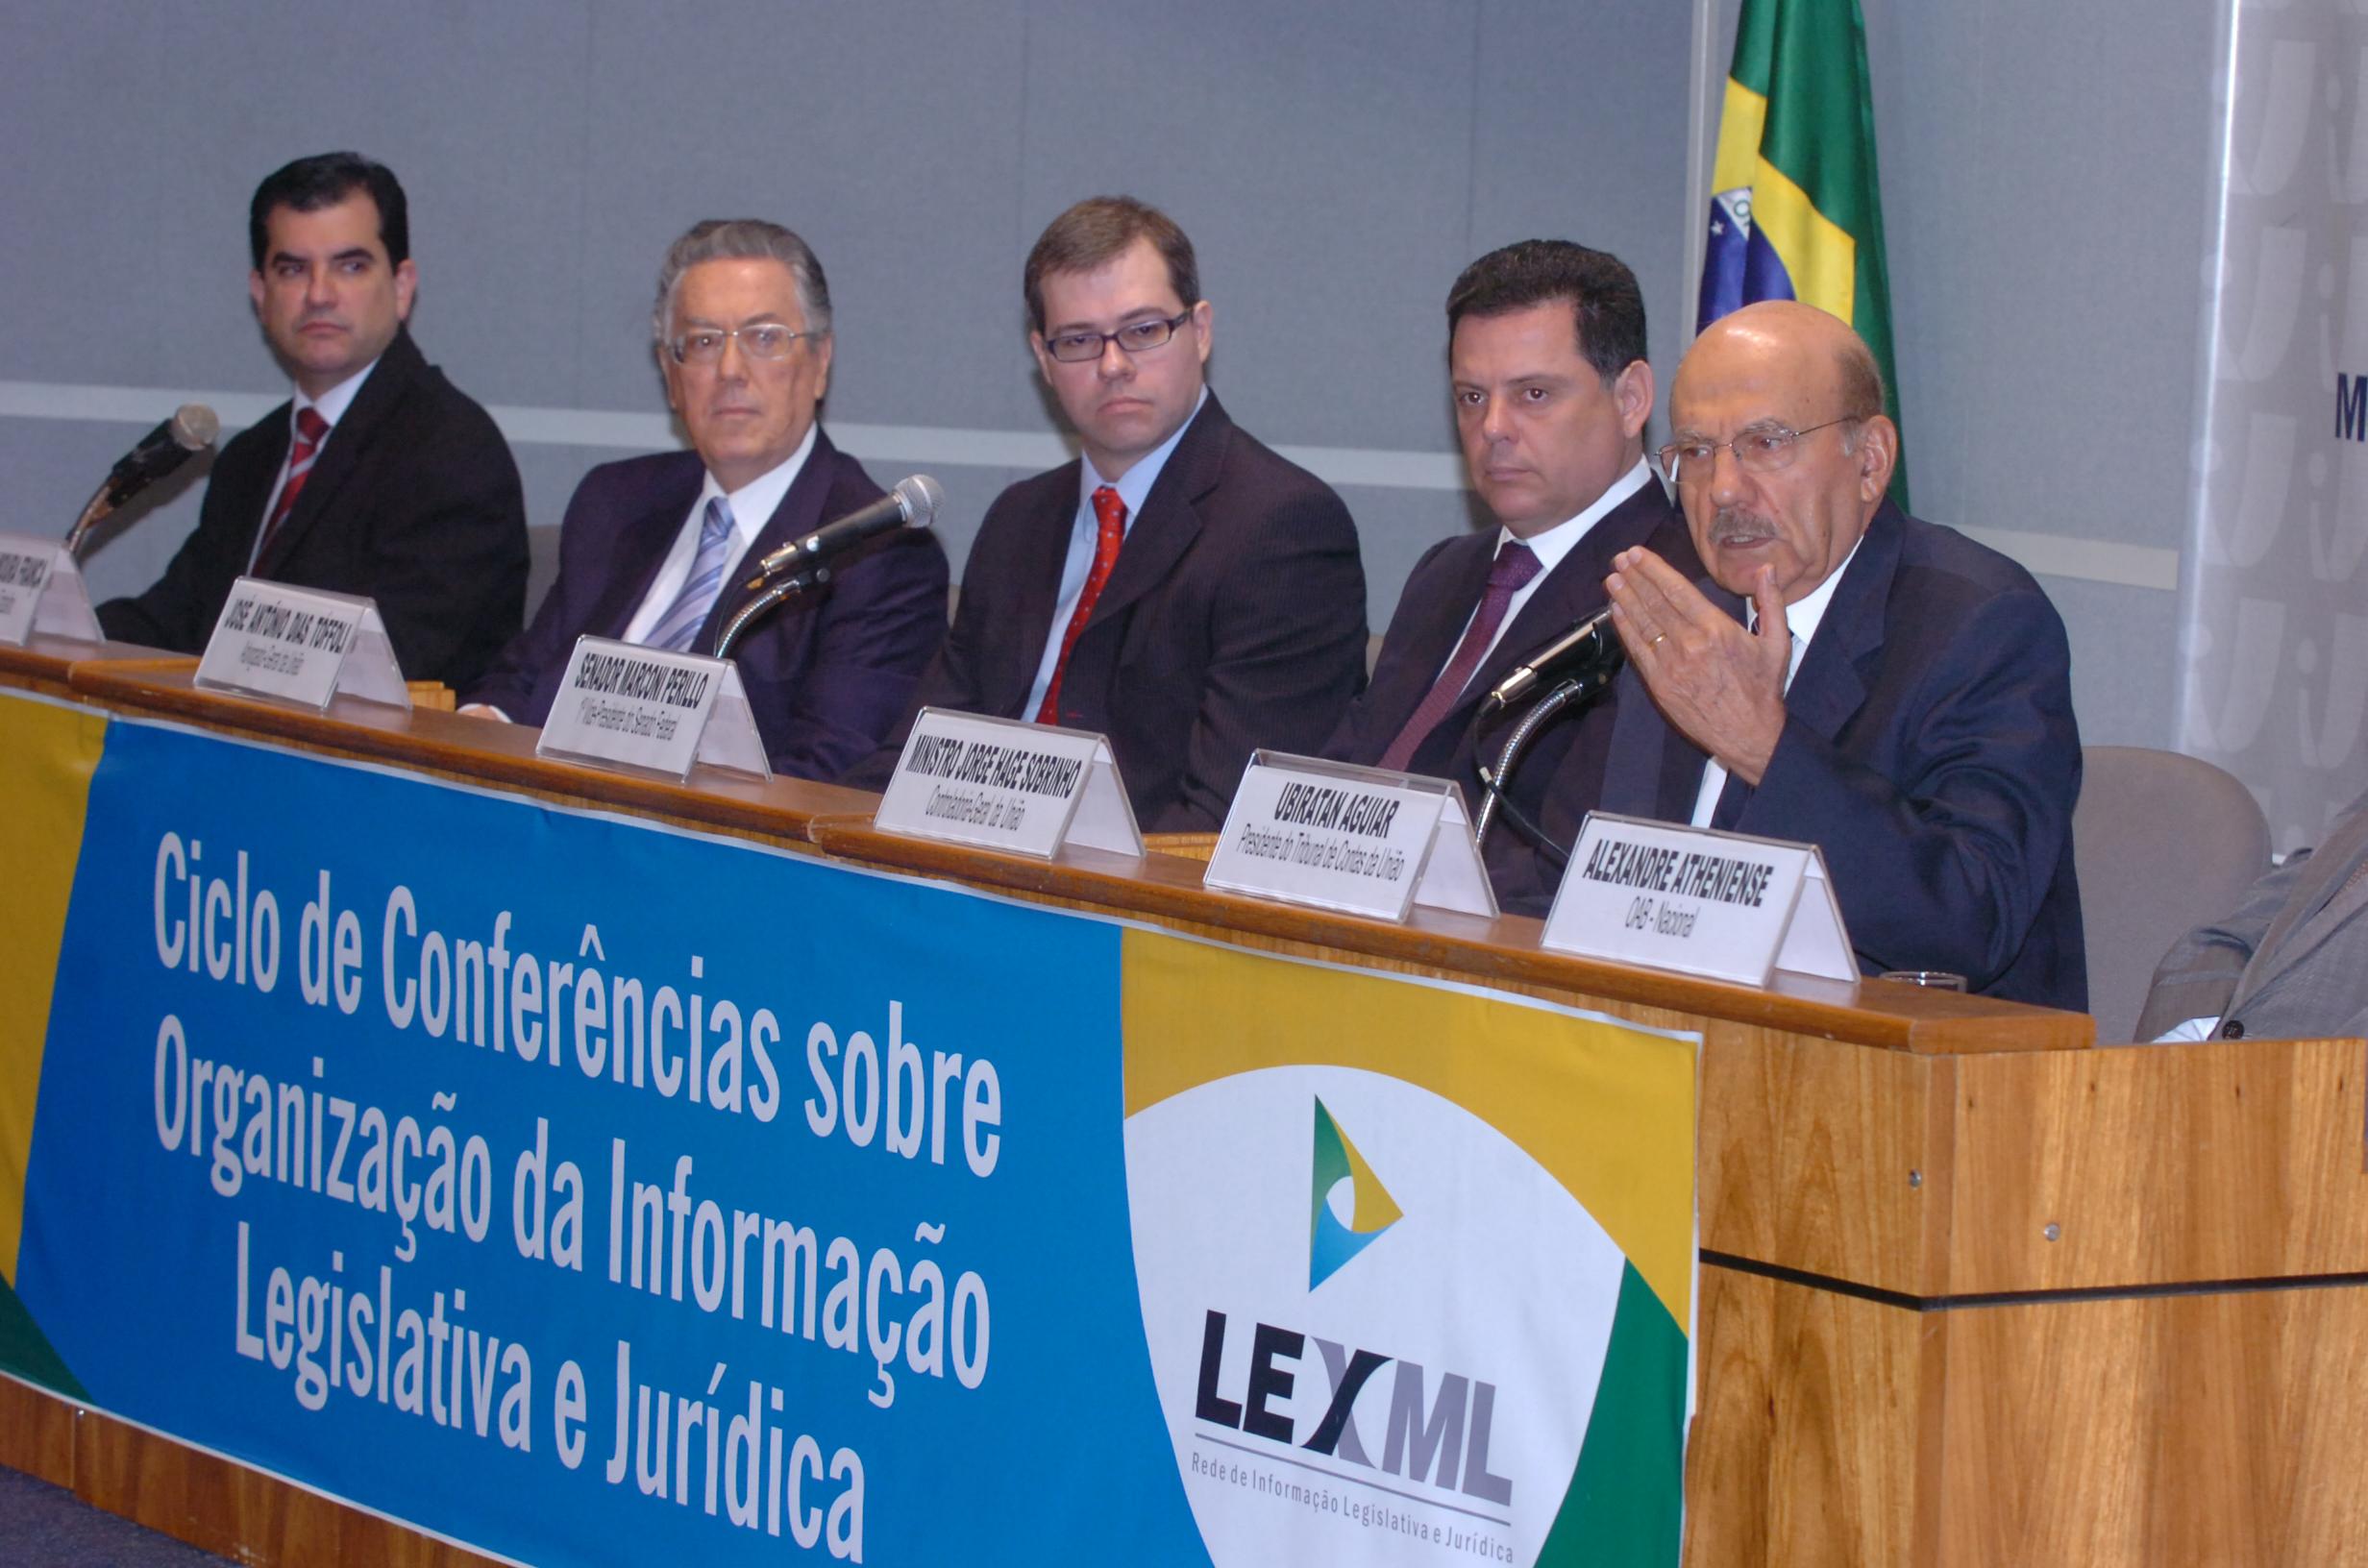 lexml-i-encontro-nacional-010.jpg